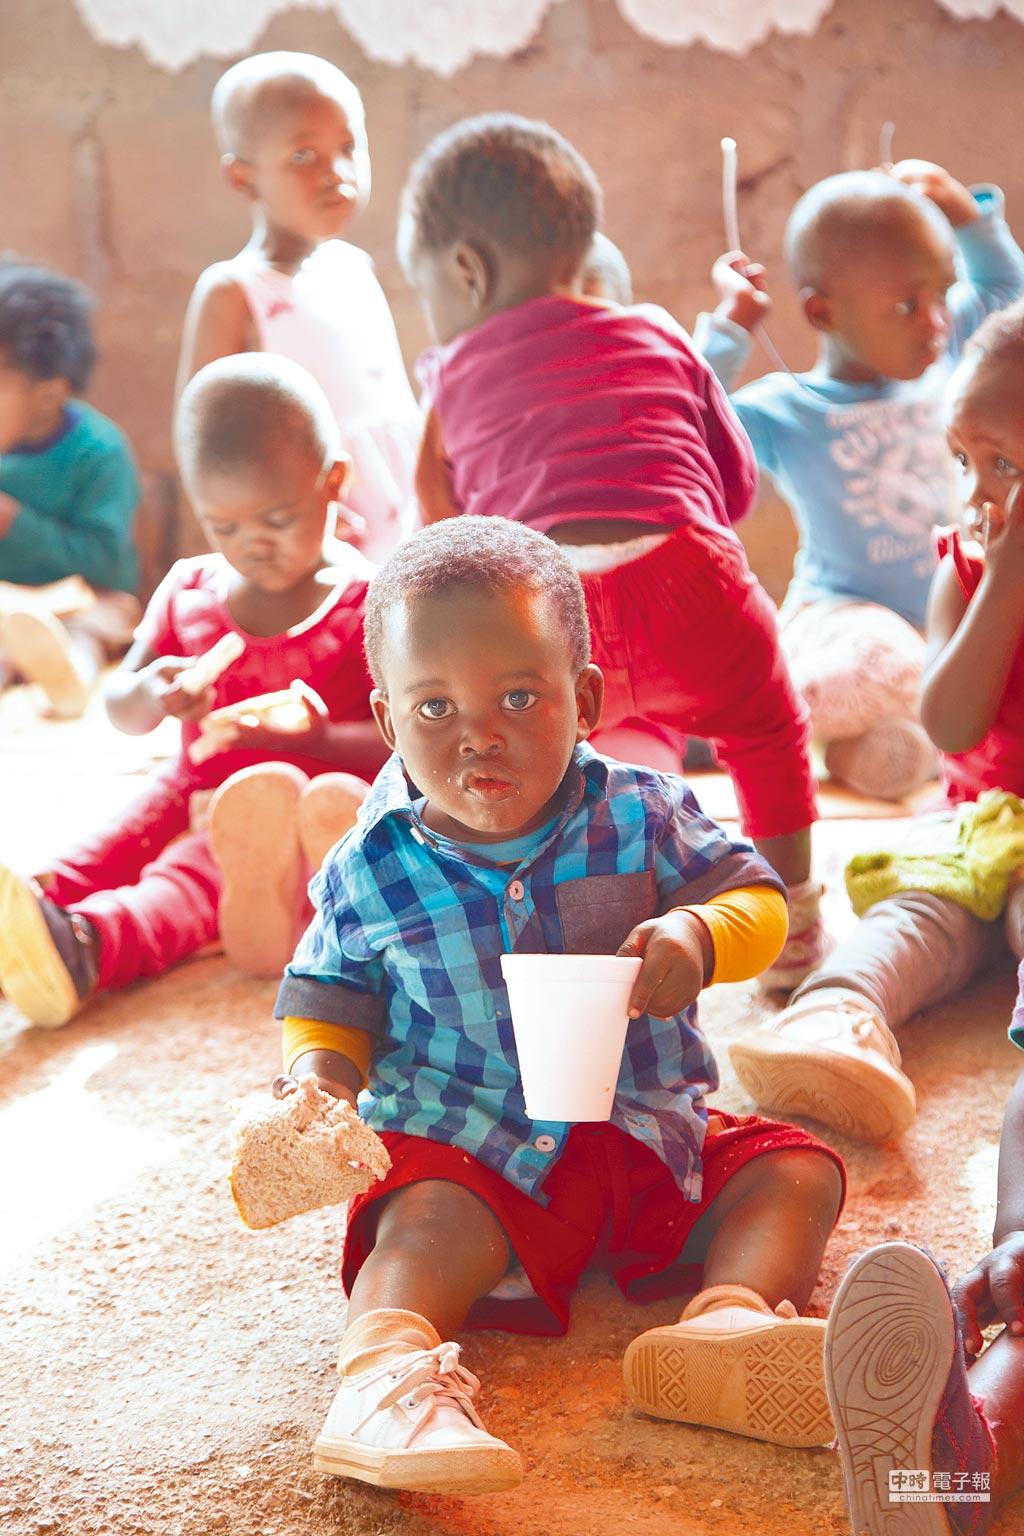 許多孩童正在吃一天唯一的一餐,一杯果汁與兩片吐司。(家扶基金會提供)